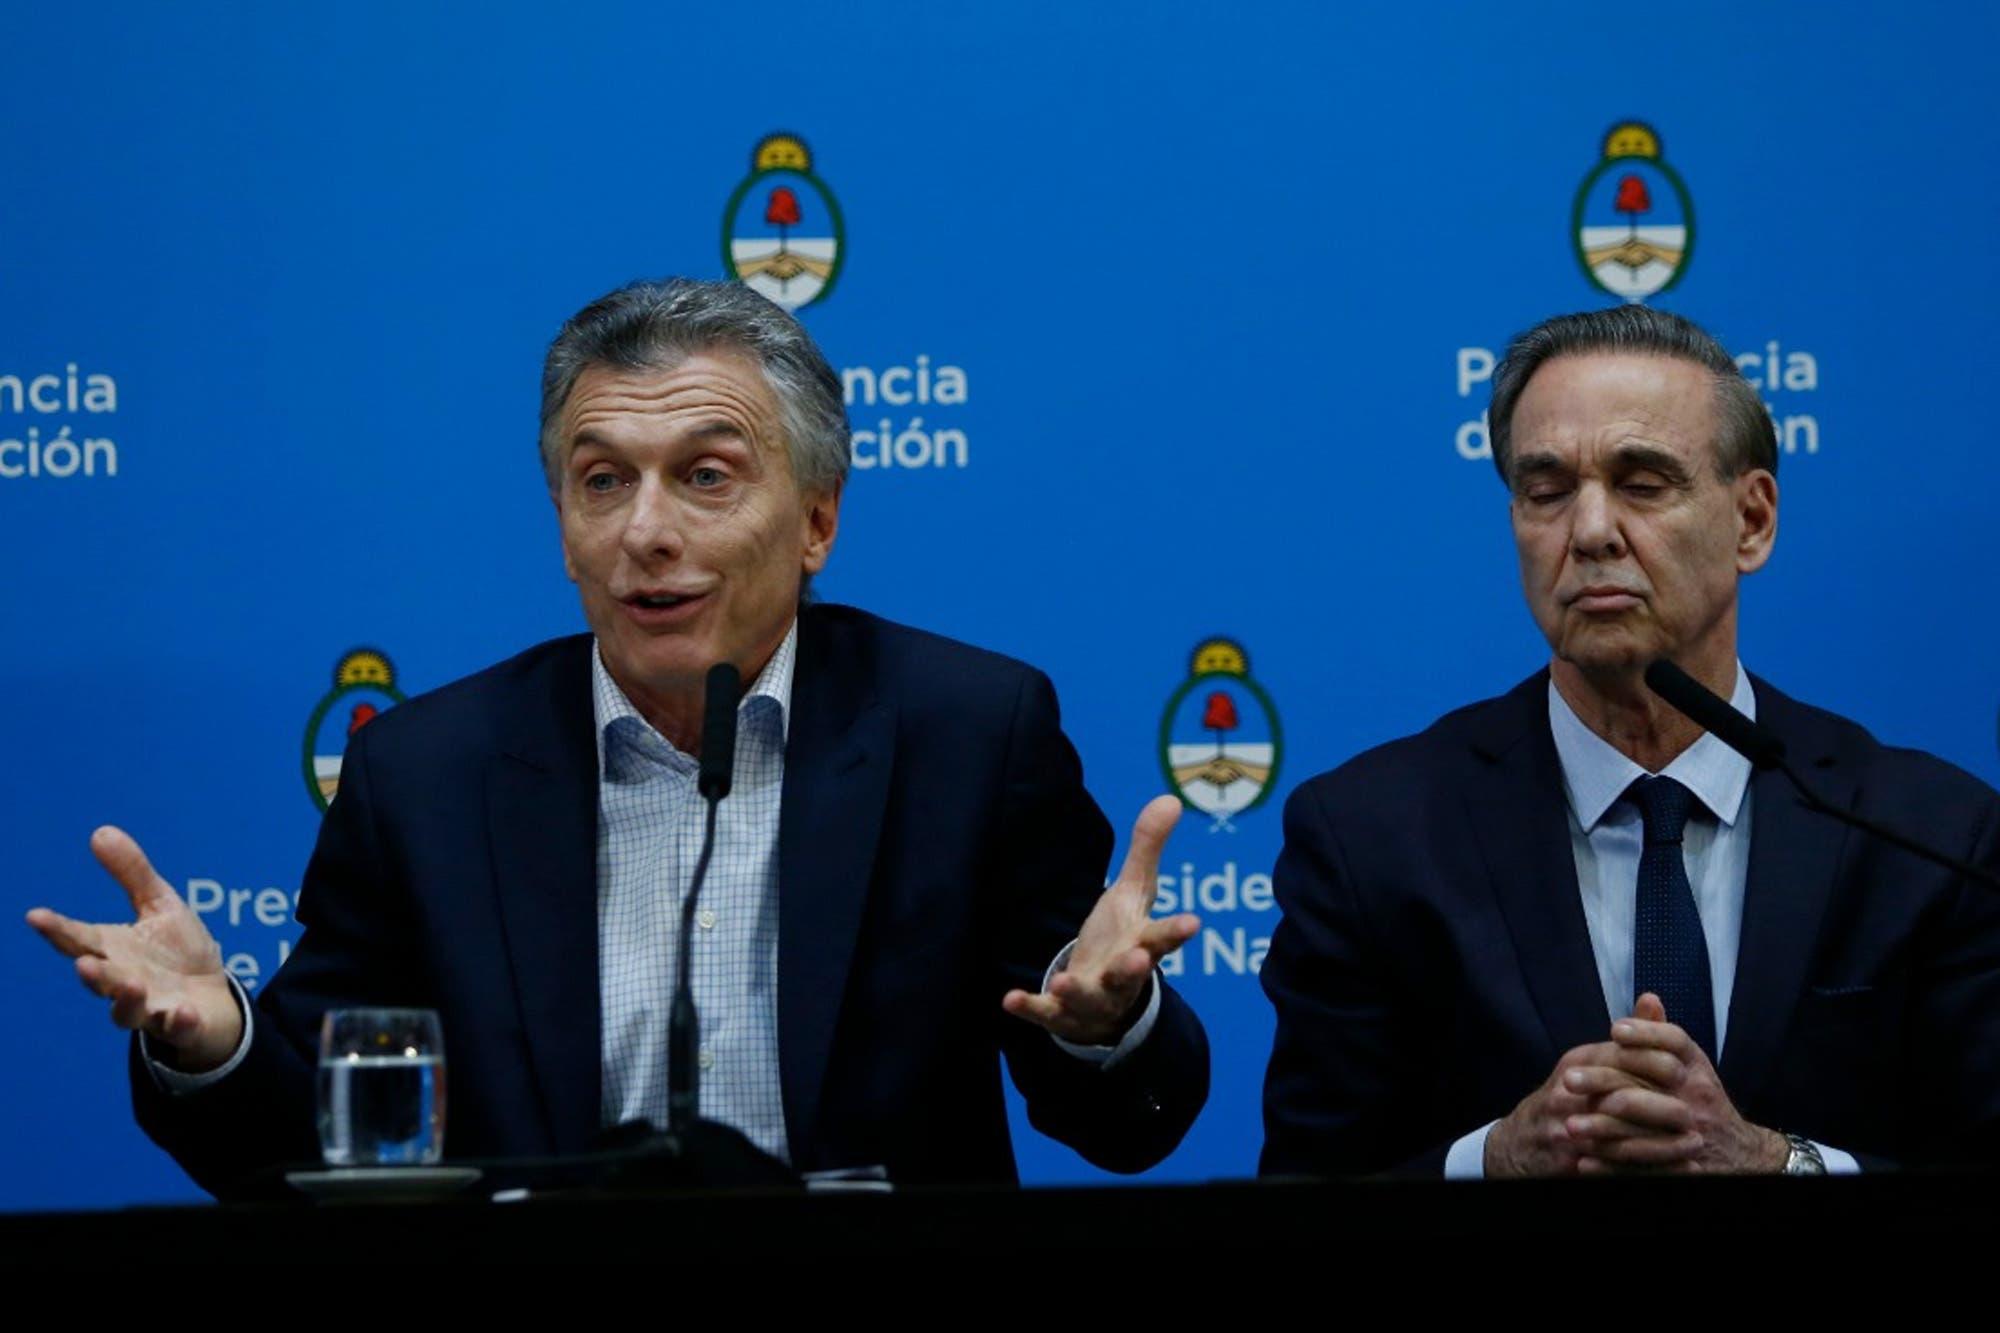 PASO 2019. Ganancias, préstamos y cuotas, las medidas que evalúa el Gobierno, tras la derrota electoral